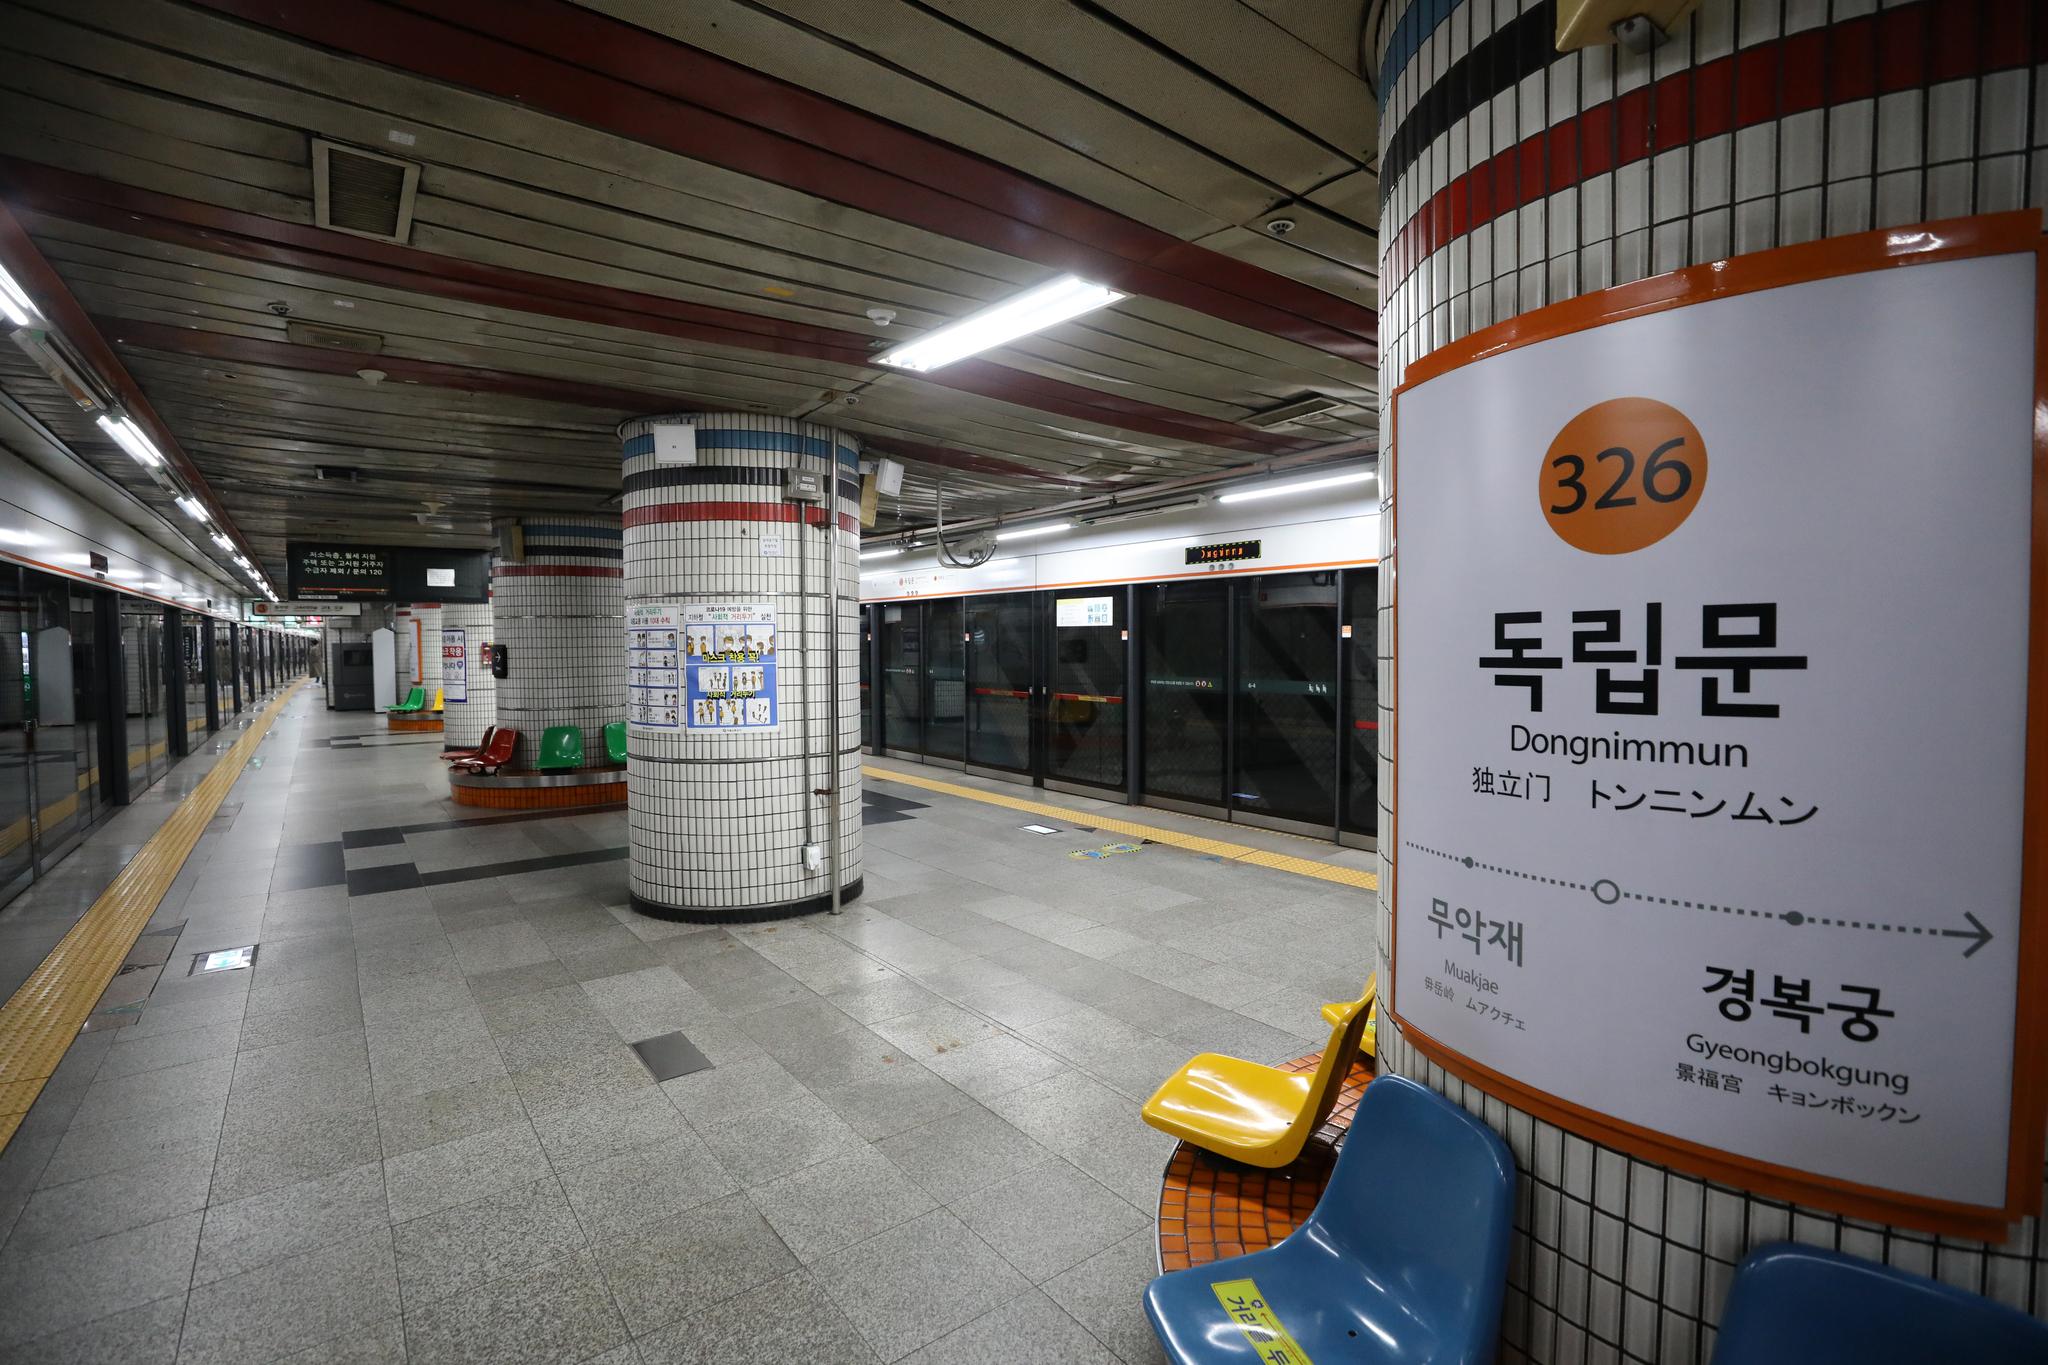 코로나 19의 여파로 서울 지하철의 승객이 크게 줄어 서울교통공사는 올해 1조원 넘는 적자를 낼 것으로 전망된다. [뉴스 1]